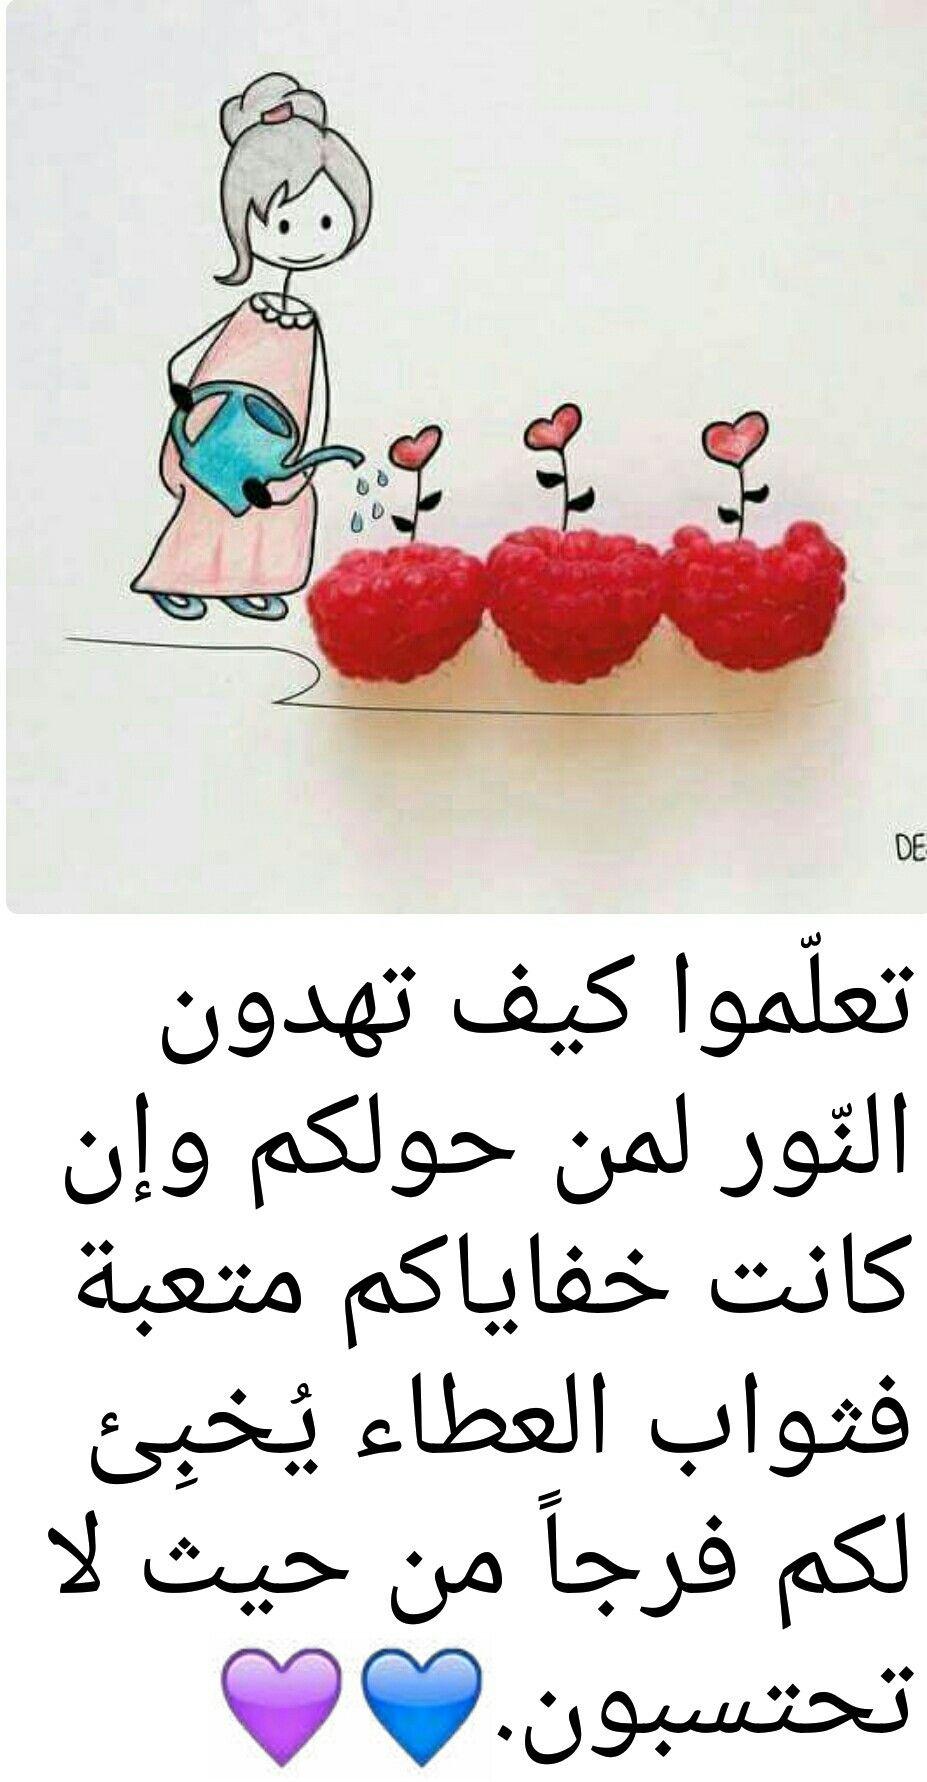 الكلمة الطيبة صدقة الابتسامة صدقة تجارة رابحة دائما Arabic Quotes Positive Notes Lovely Quote